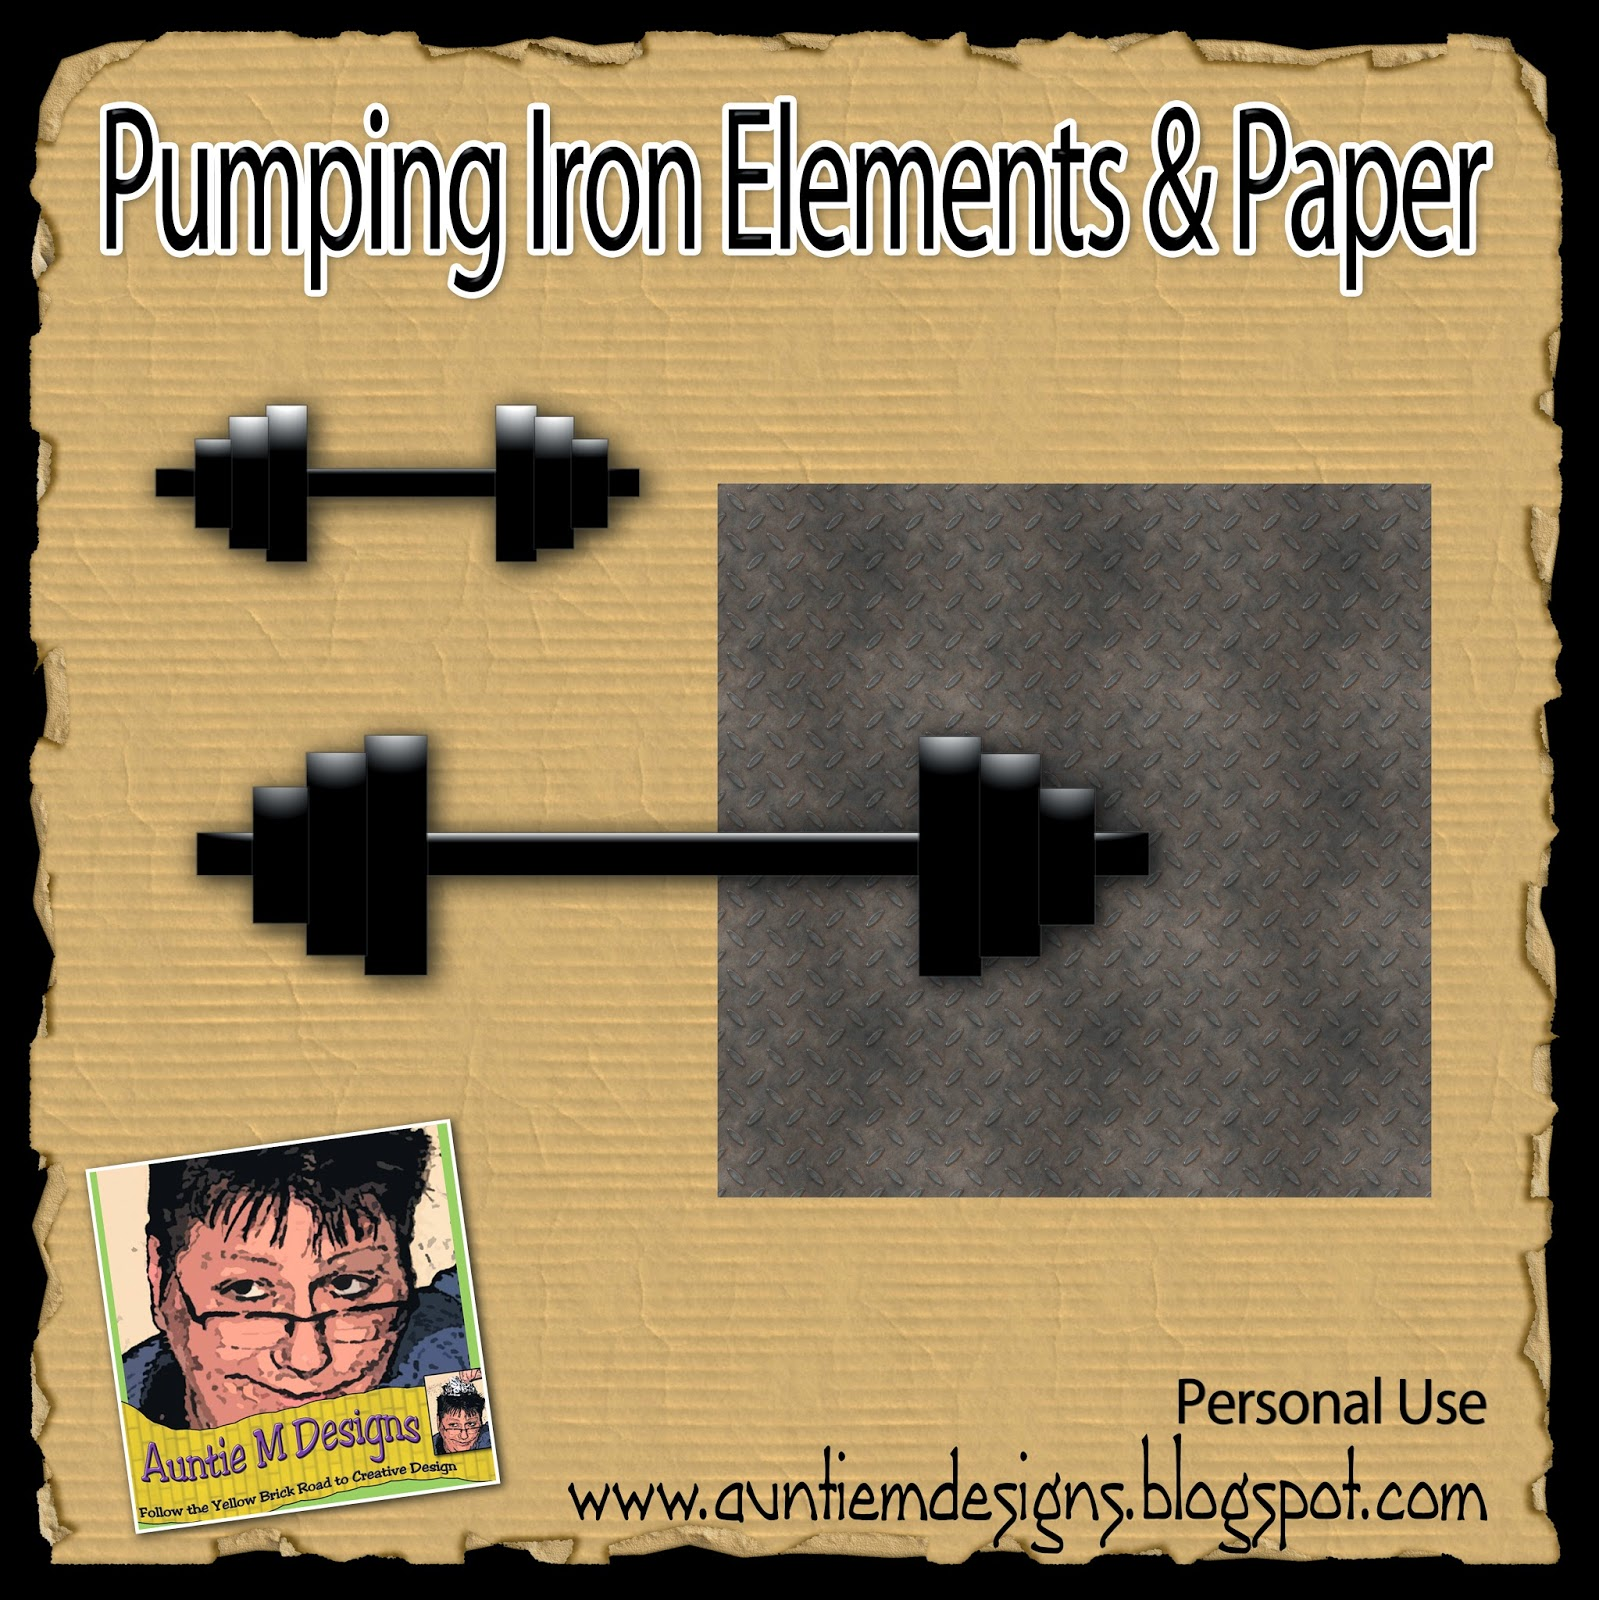 http://2.bp.blogspot.com/-KaRTCuuZAy4/U62DeyB4TQI/AAAAAAAAG1c/JaKELN_sCkU/s1600/amd-prelate+copy.jpg